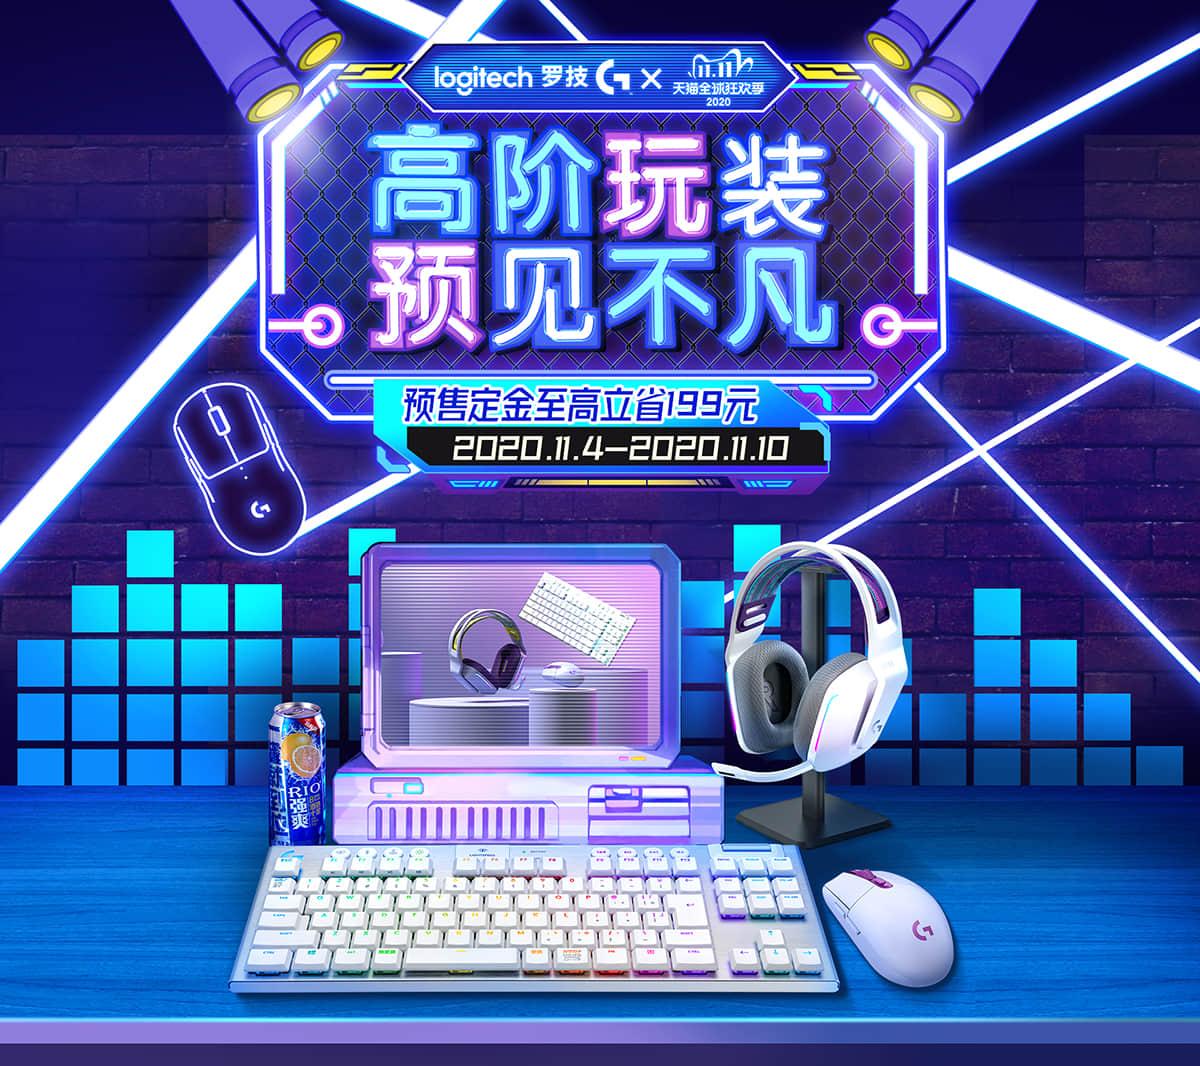 创意炫酷!欣赏15张来自天猫电子周边产品主体banner